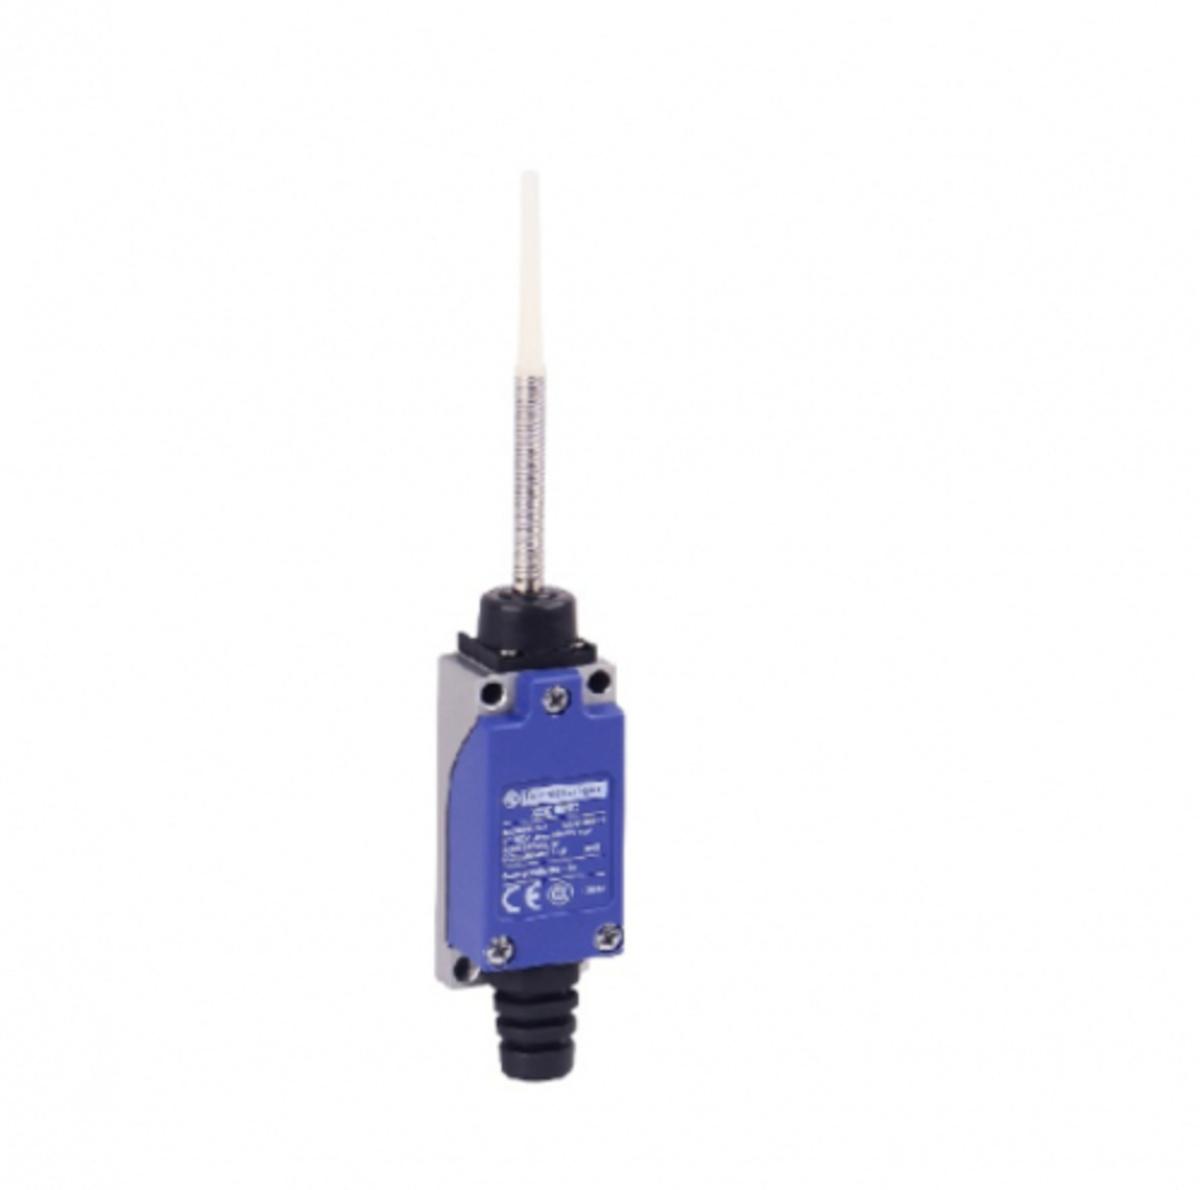 Eletriza - Eletriza Materiais Elétricos, Hidráulicos e Automação Industrial - FIM DE CURSO BASICO MET HASTE COM MOLA XCE181 TELEMECANIQUE